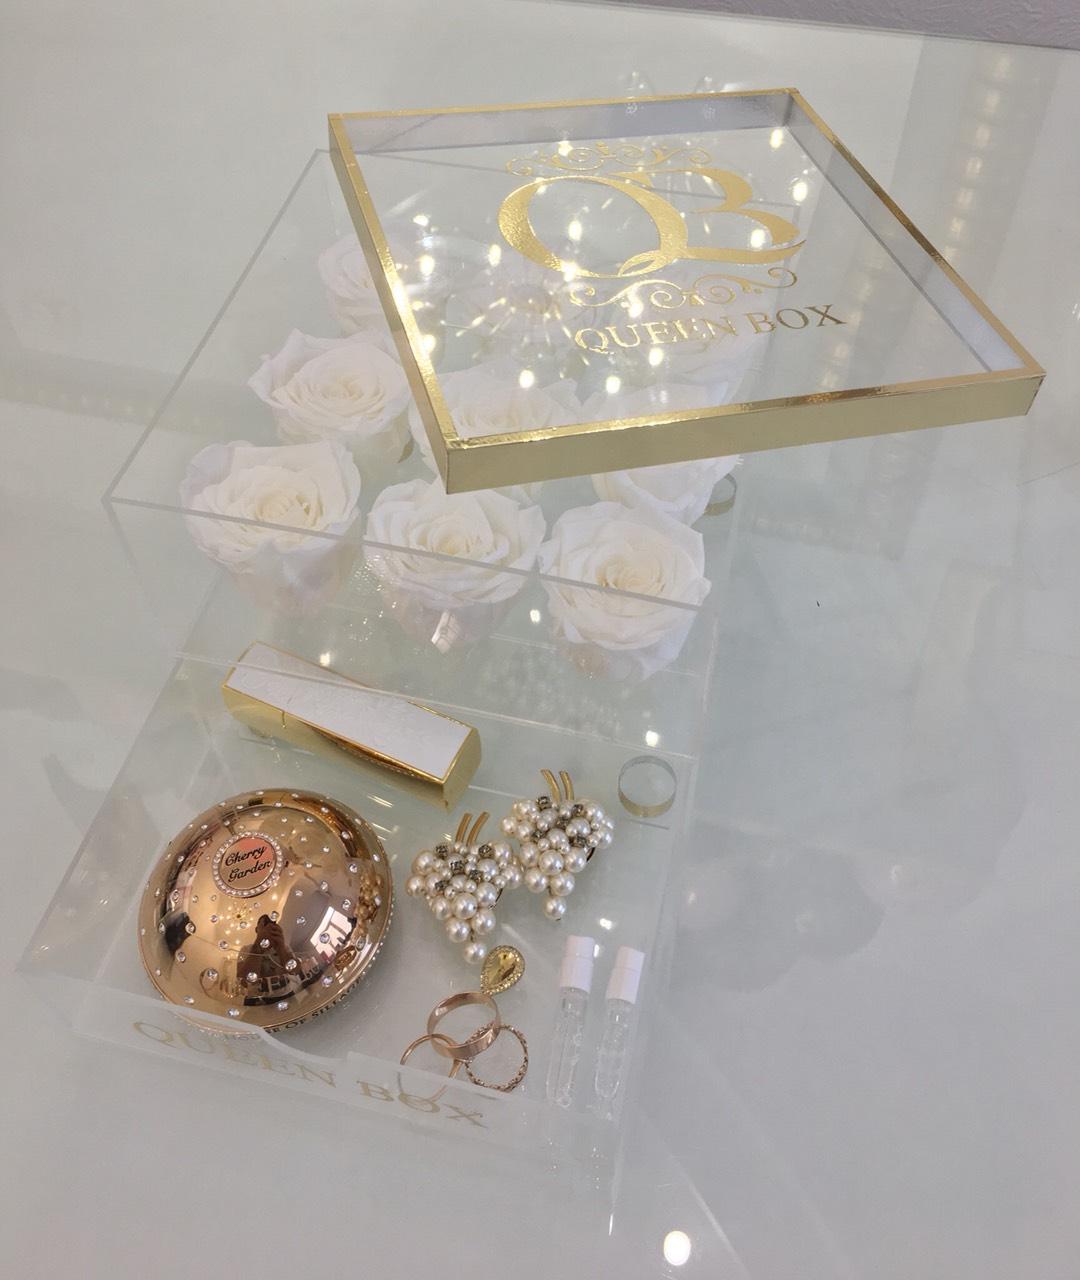 QueenBox подарочные коробки